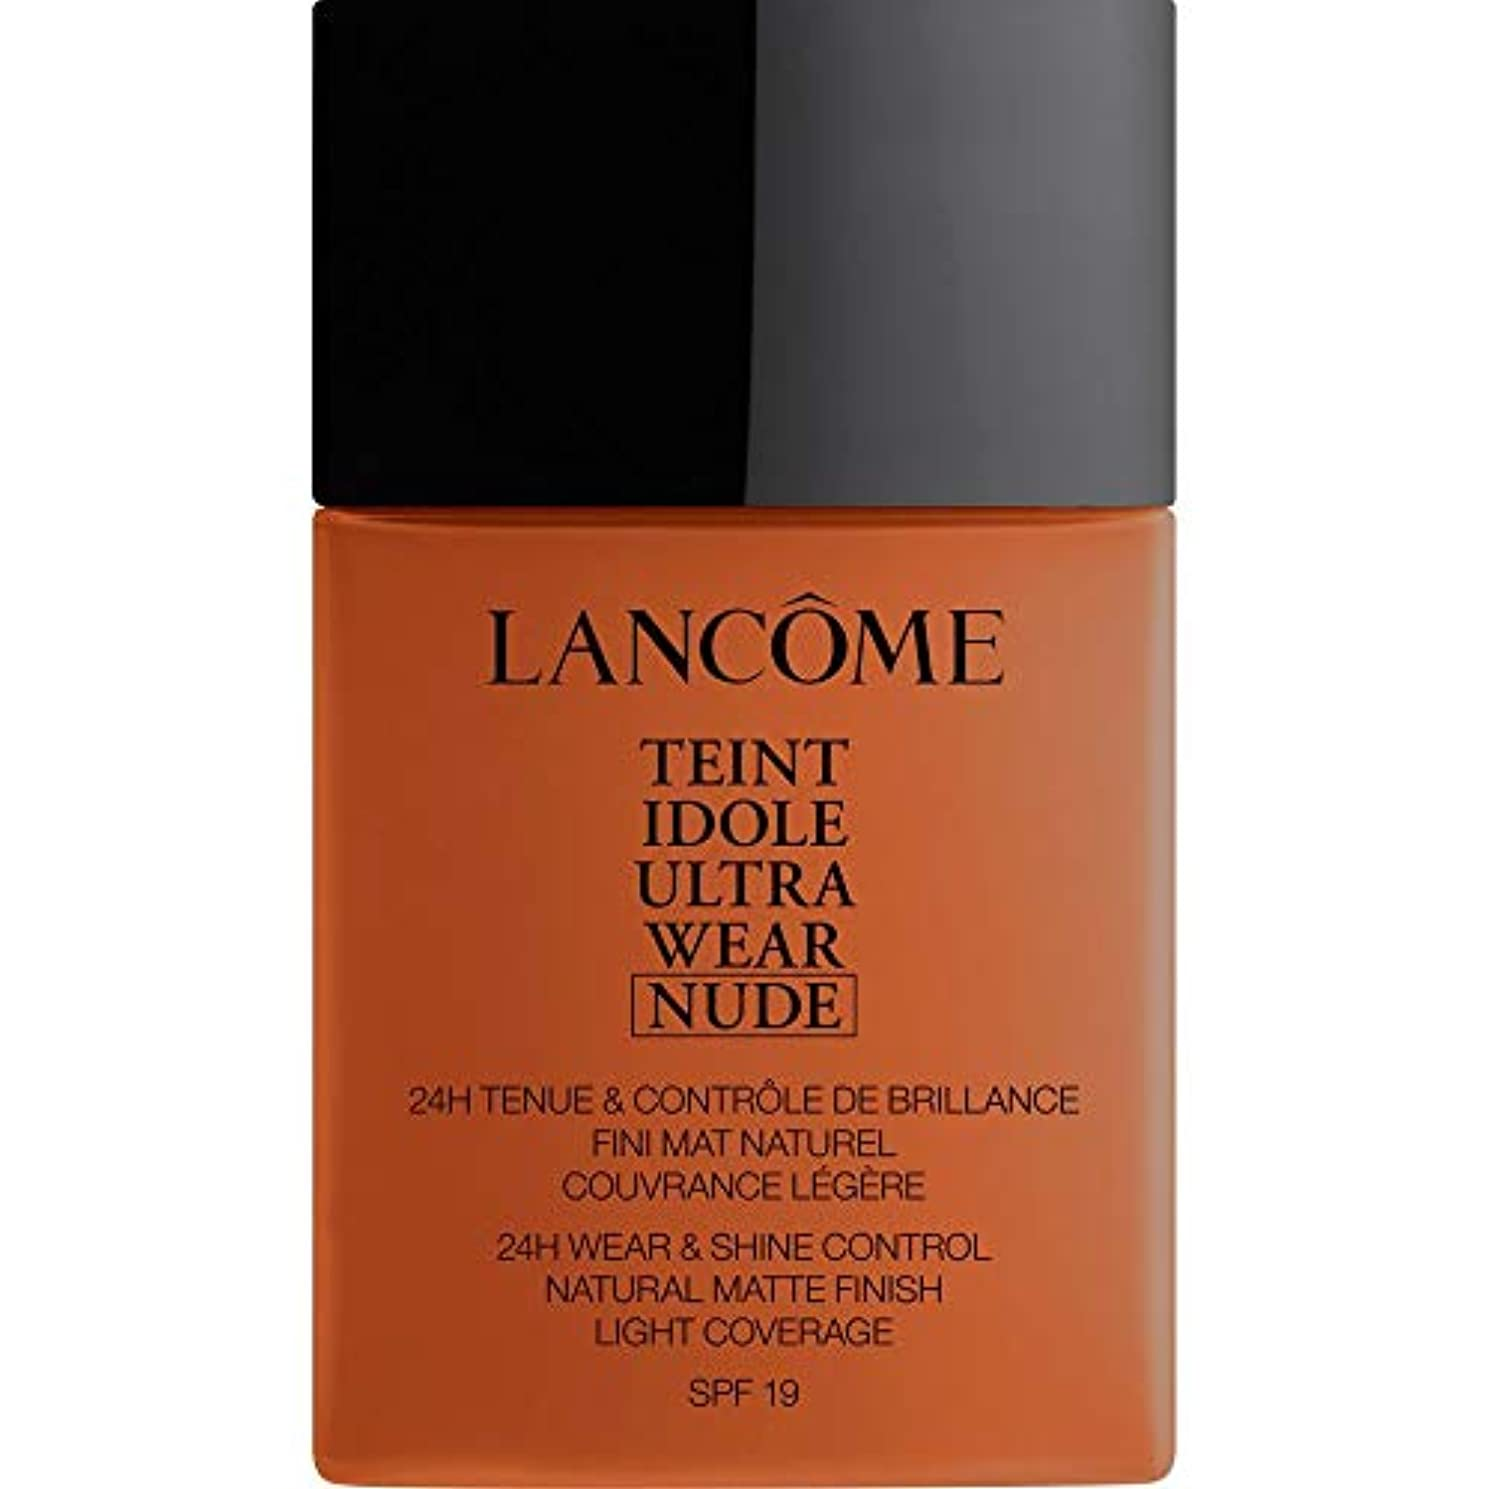 生息地器用サイドボード[Lanc?me ] ランコムTeintのIdole超摩耗ヌード財団Spf19の40ミリリットル13 - Sienne - Lancome Teint Idole Ultra Wear Nude Foundation SPF19...